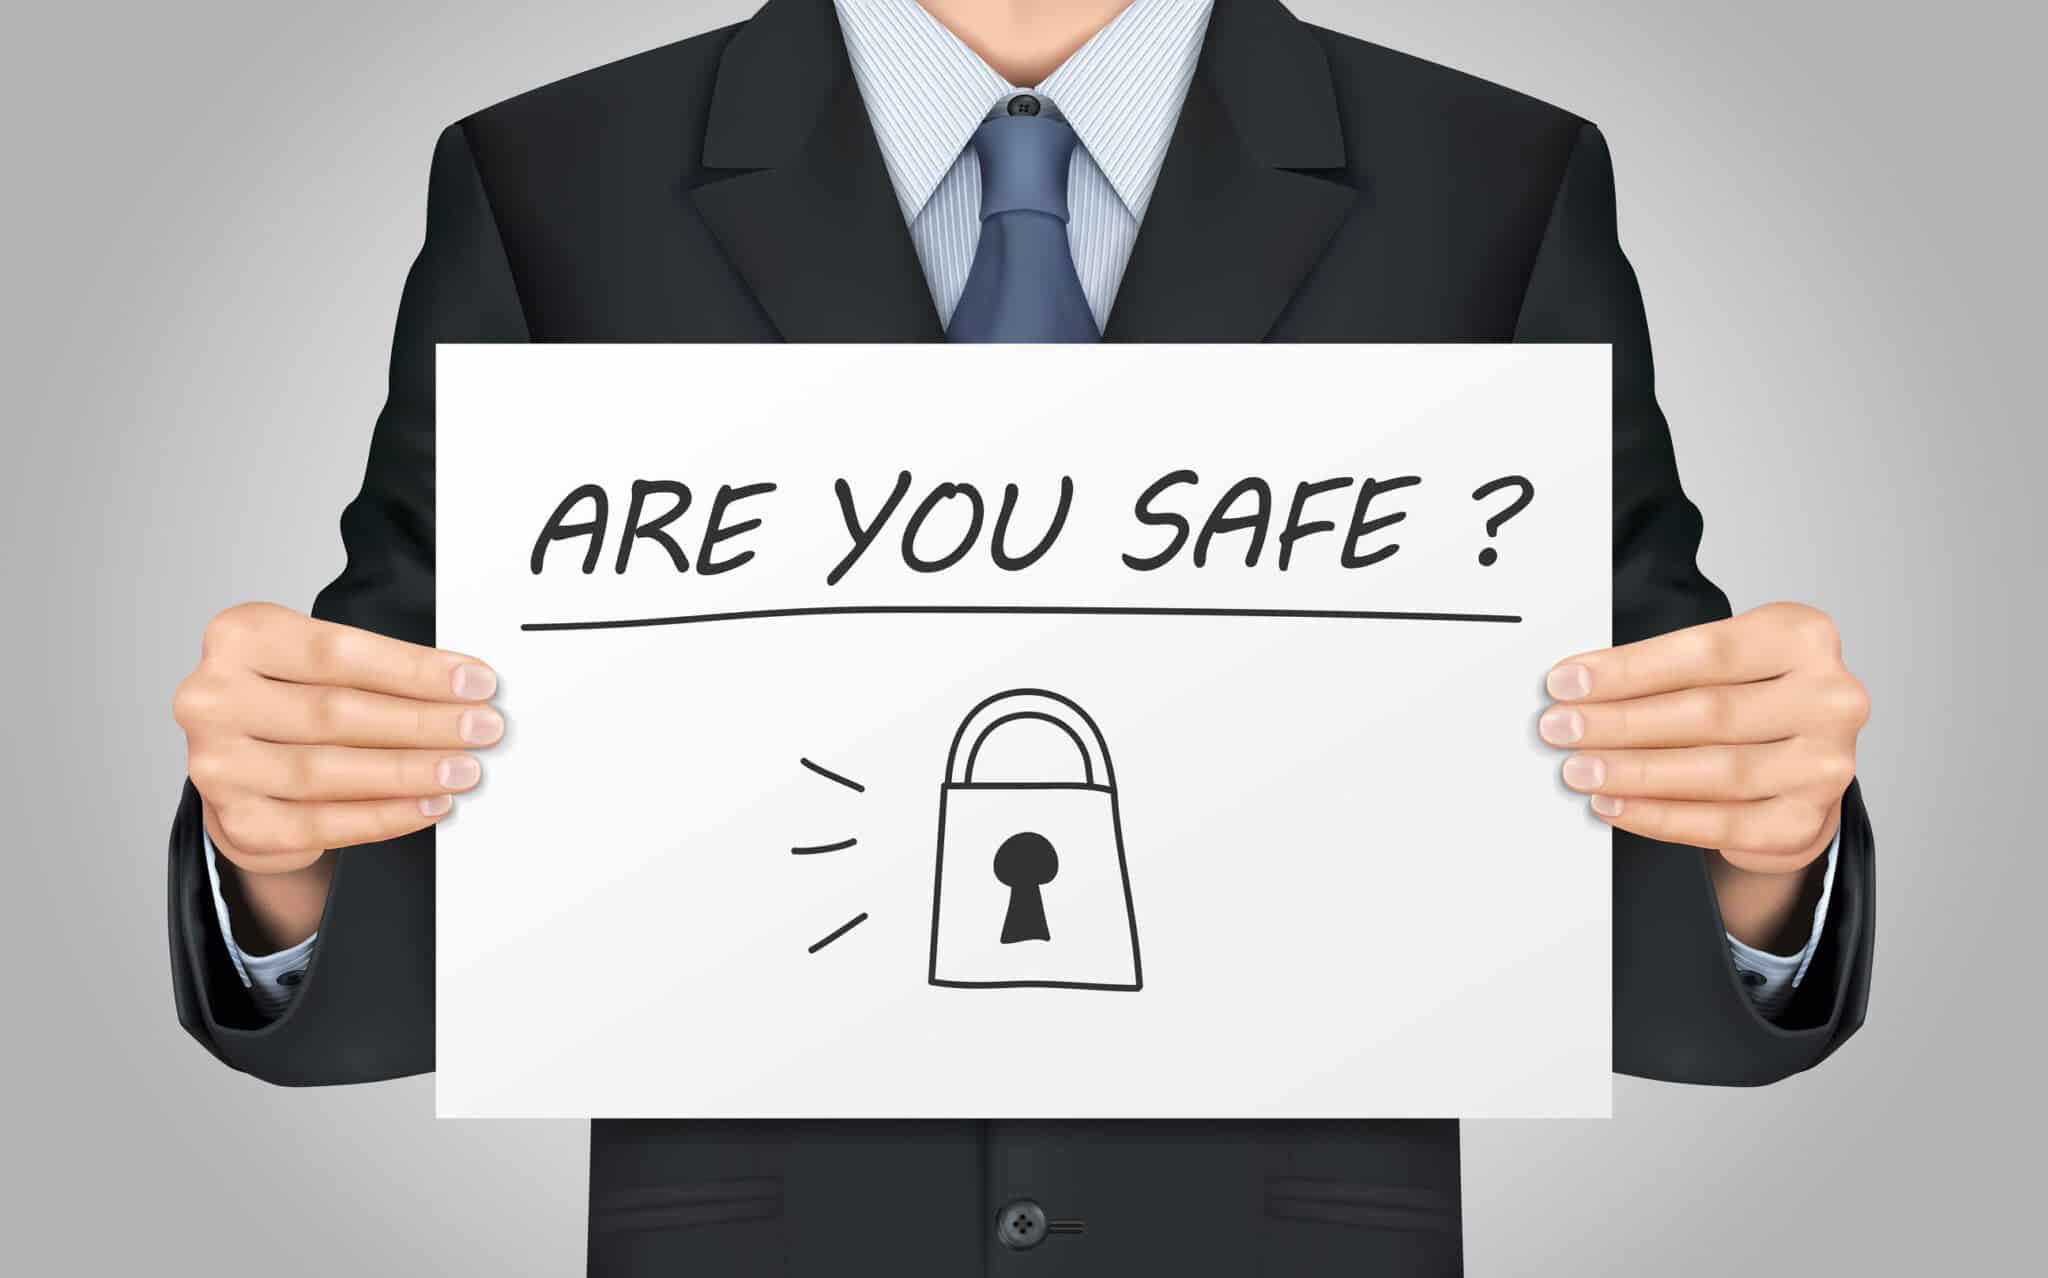 Sicurezza Informatica Aziendale - Are you safe?